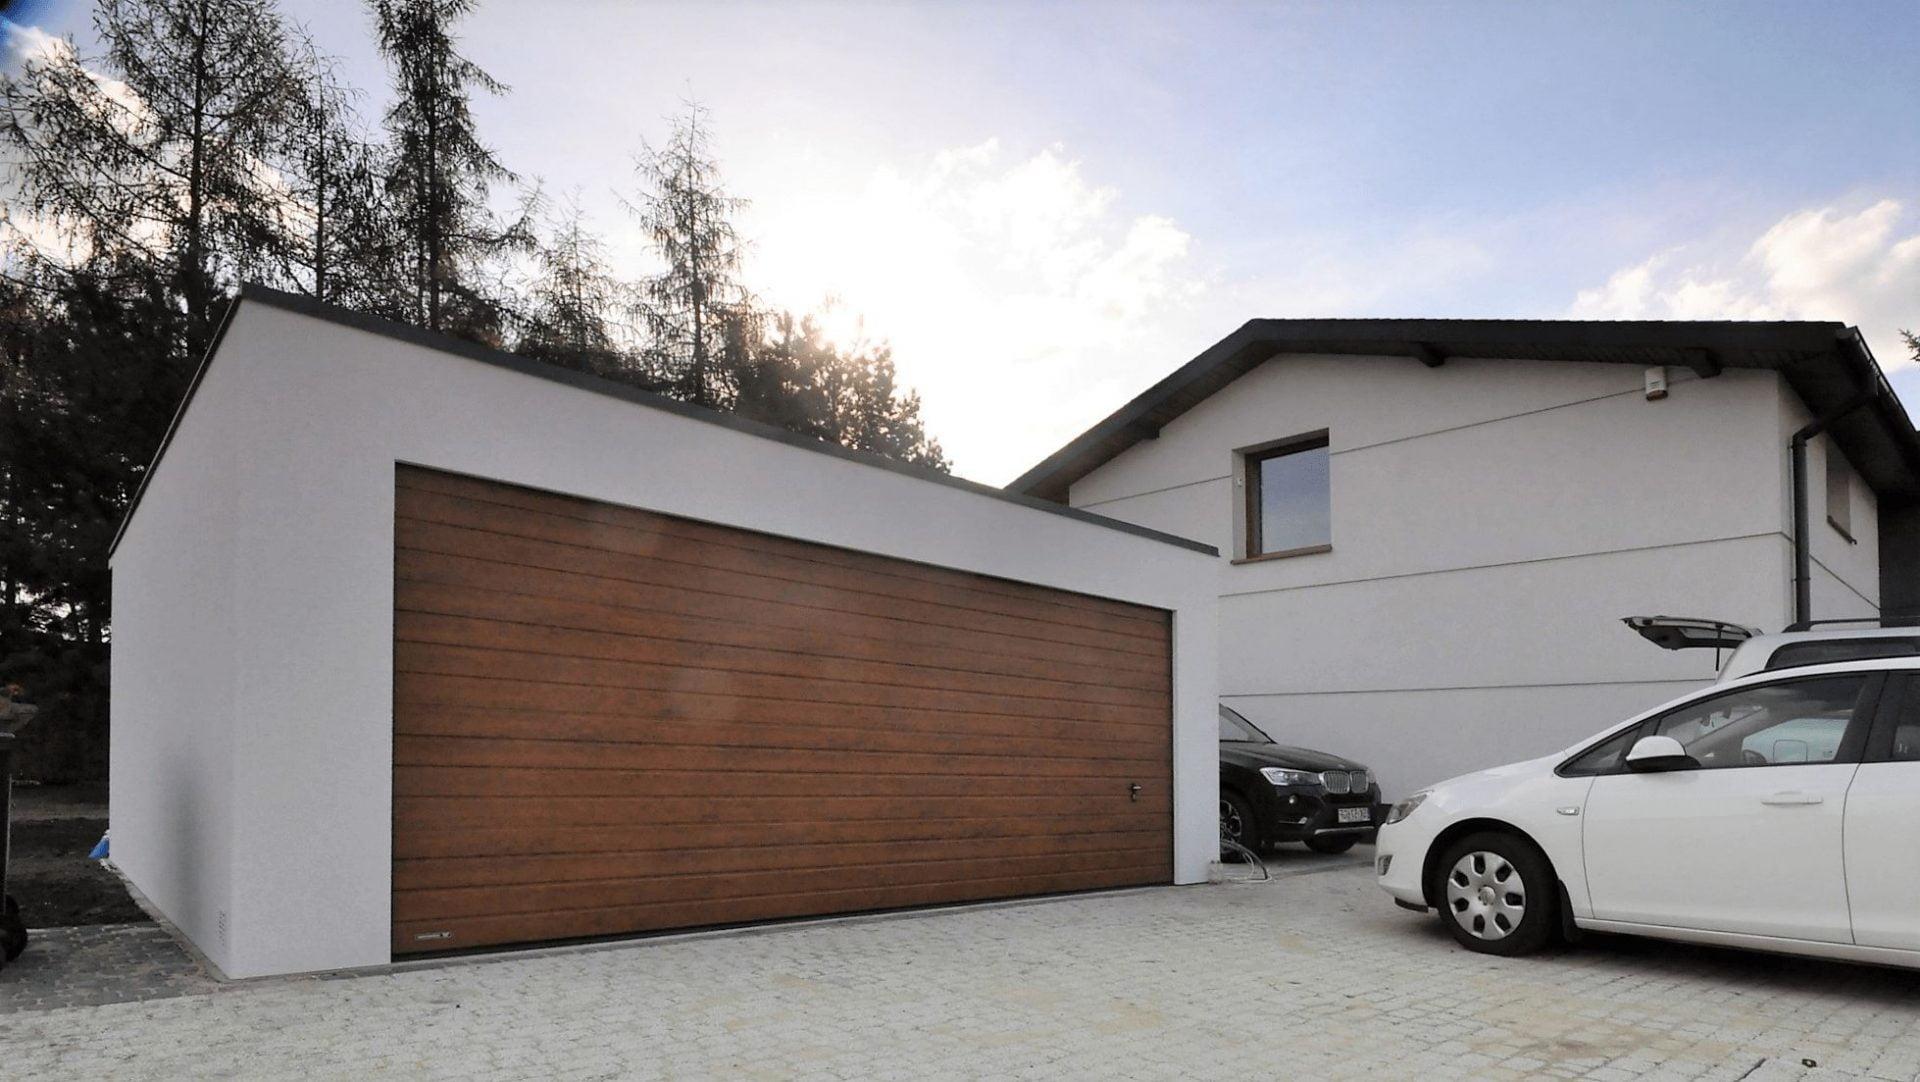 Garaż ocieplany Uno Plus, szerokość 6,0m x 5,7m lub inna